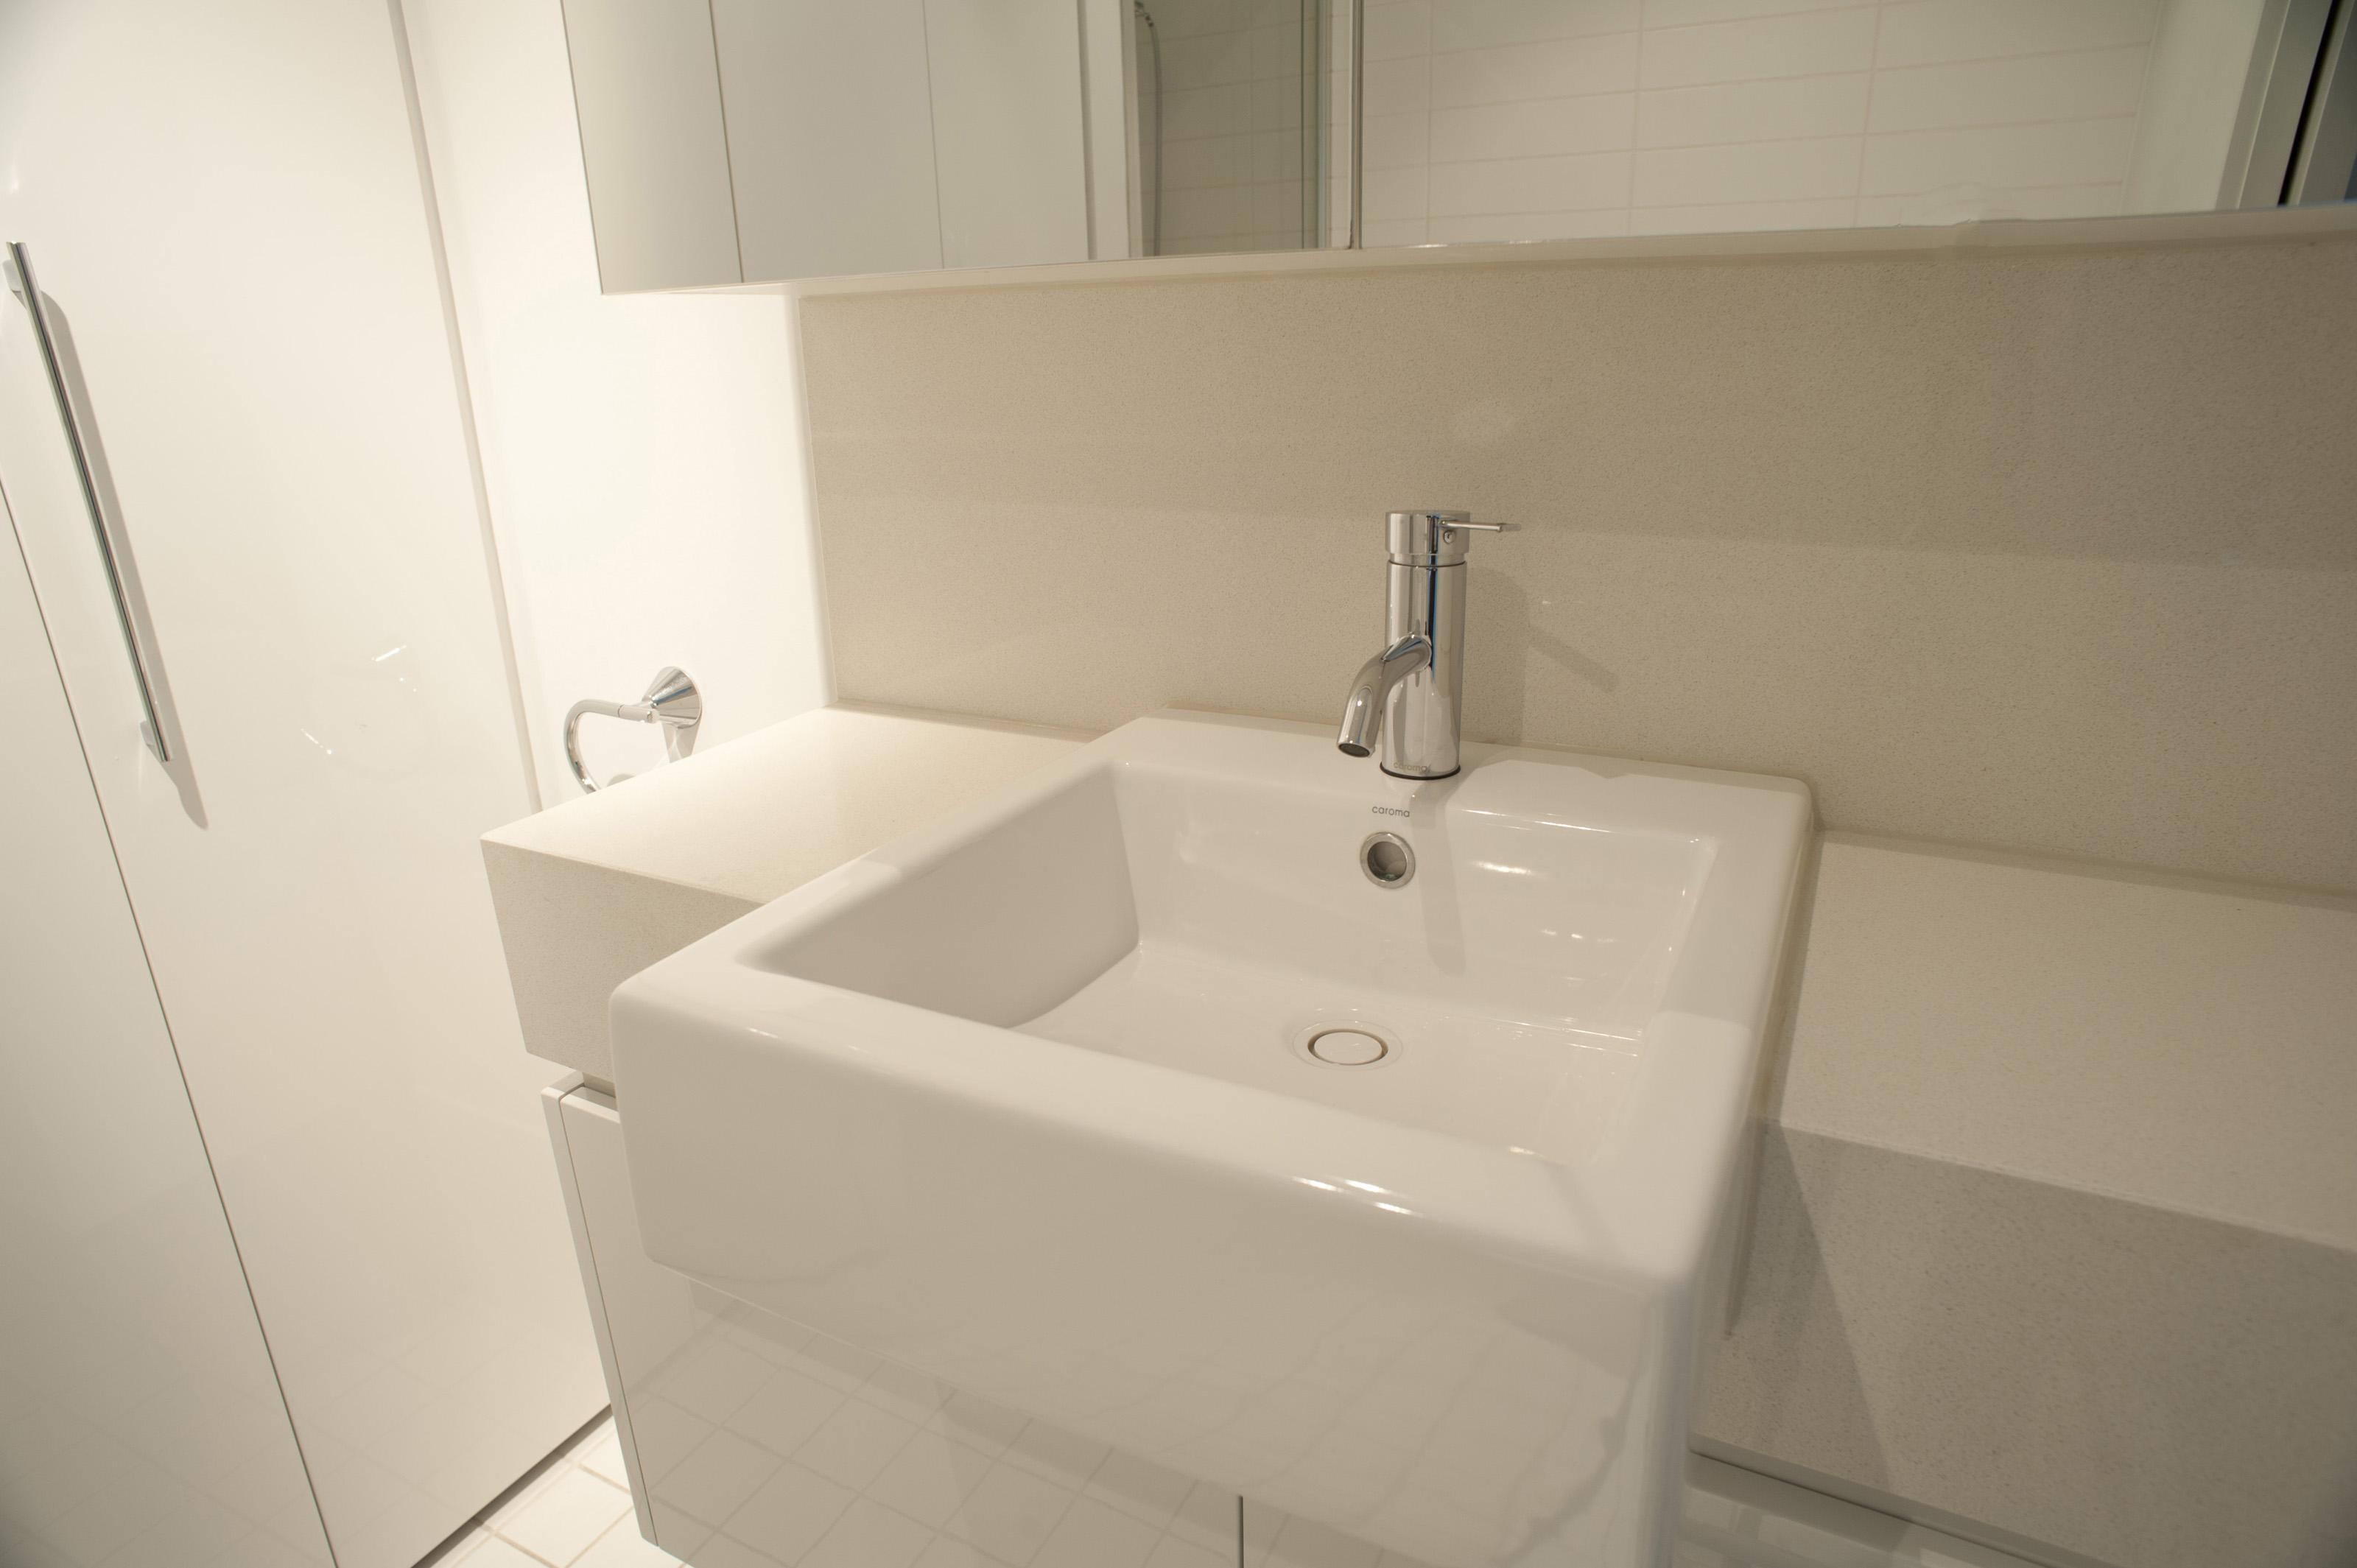 Free Stock Photo 10666 Elegant Square Ceramic Sink in the ...